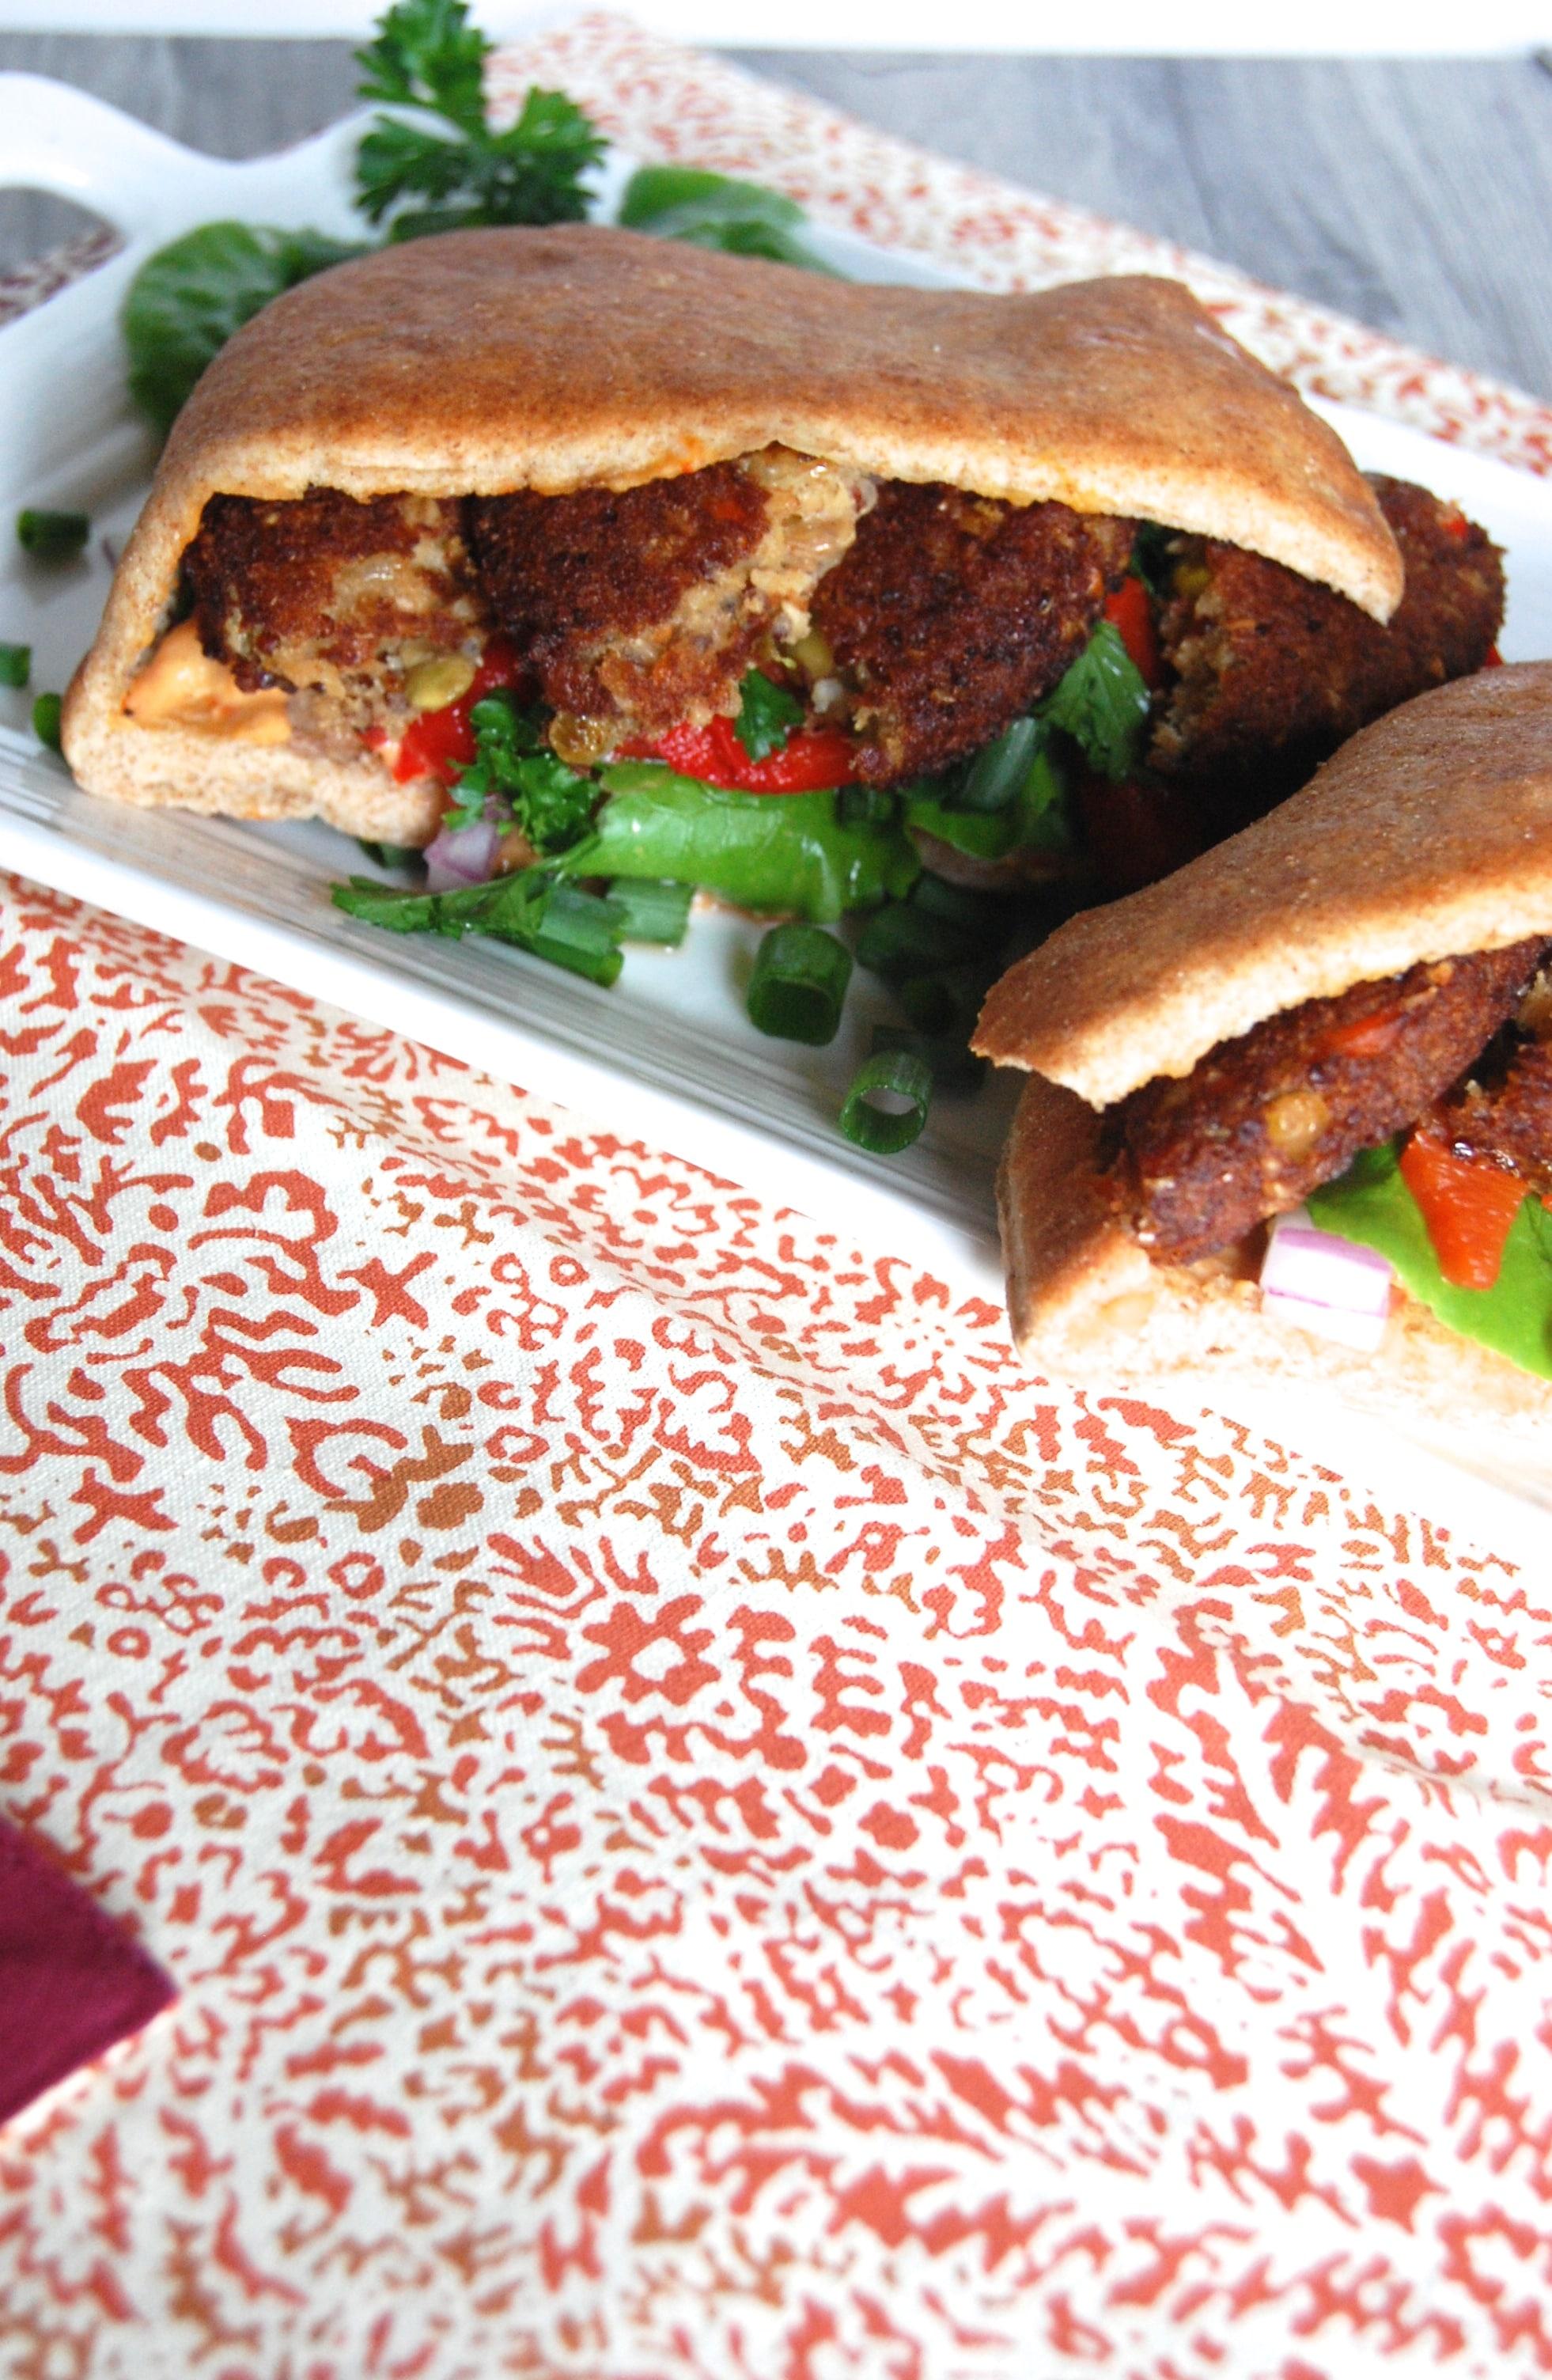 Mediterranean Roasted Garlic and Quinoa Pita Sandwich